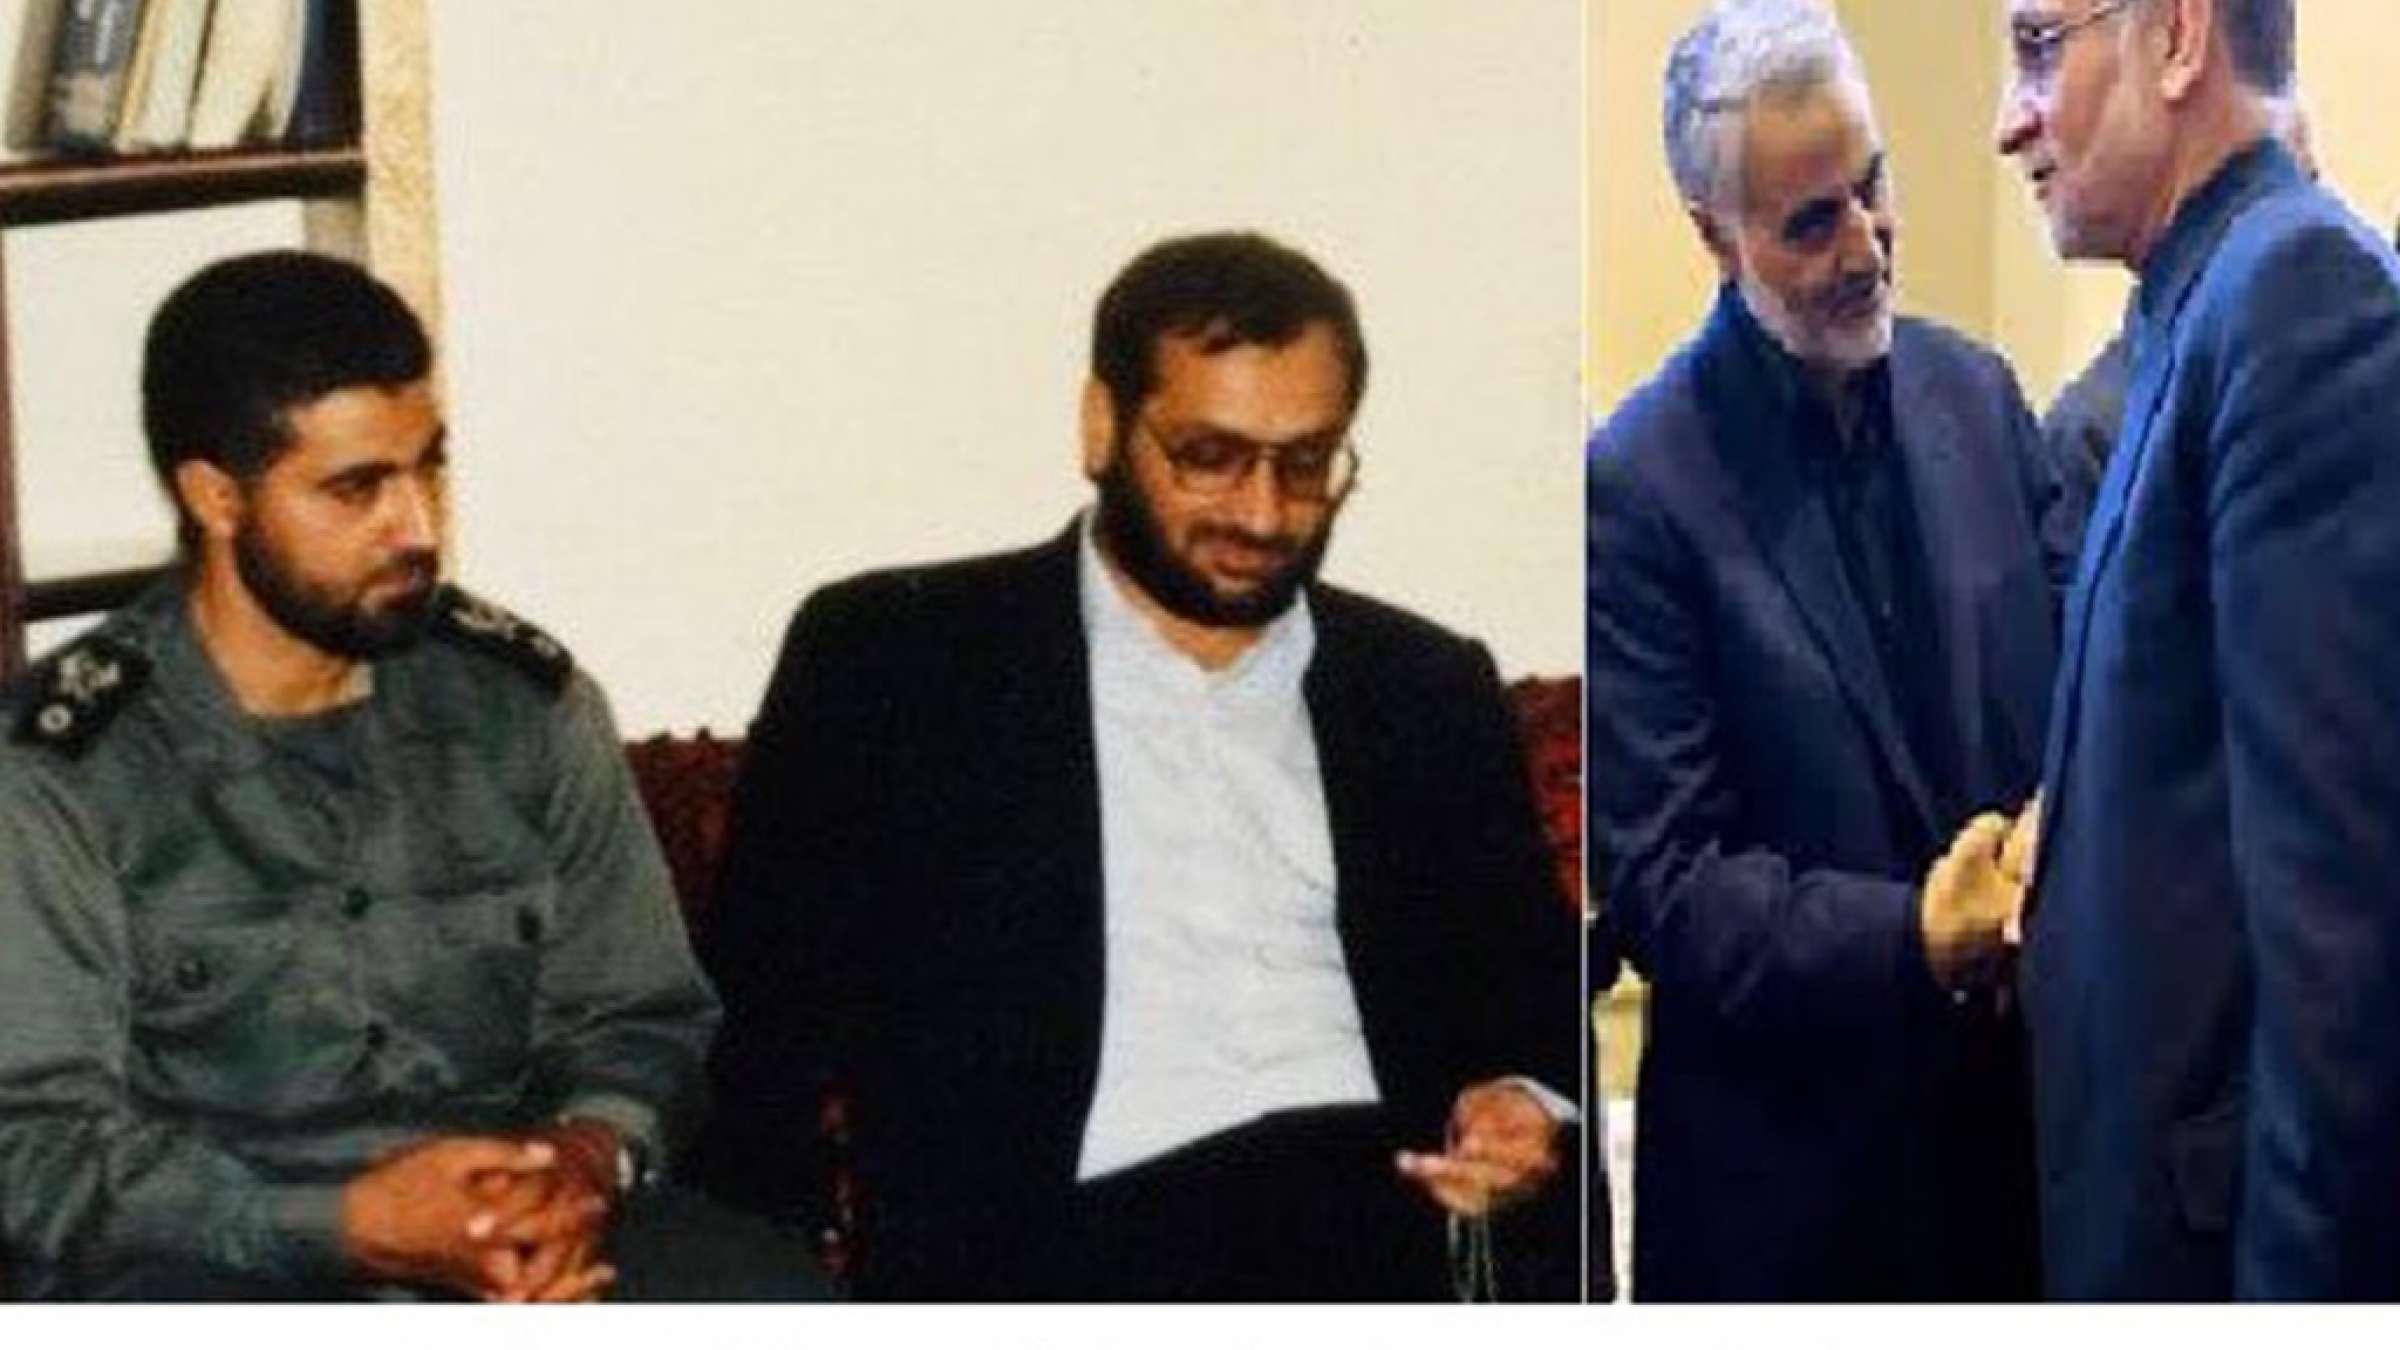 گزارش-تحلیلی-ایران-پیدا-و-پنهان-شیوع-انفجاری-کرونا-در-ایران-مرعشی